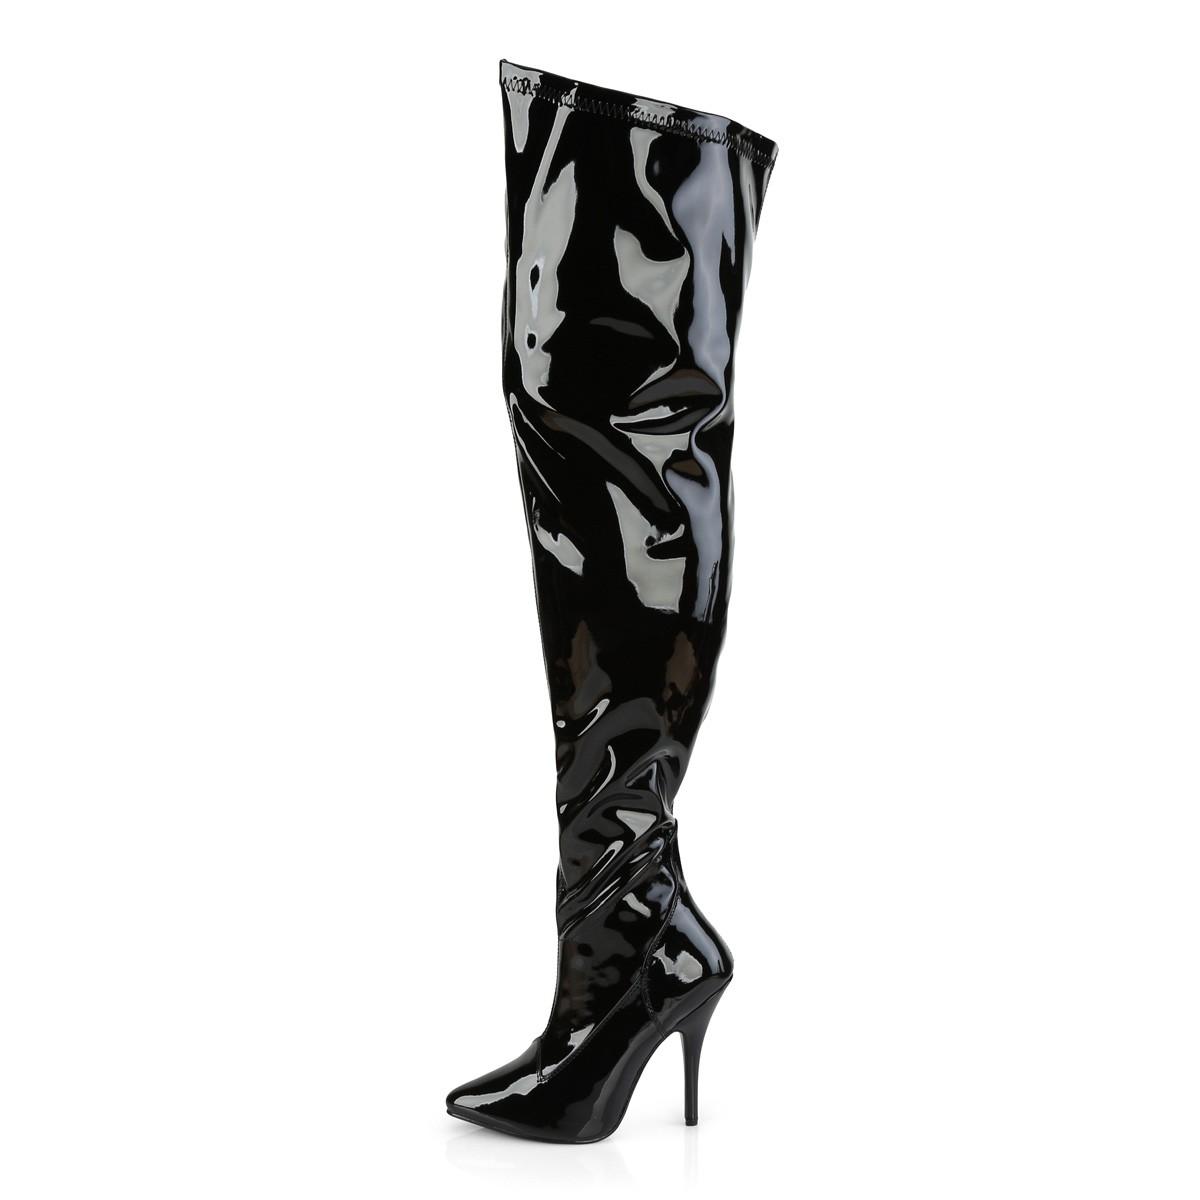 Nero Verniciata 13 cm SEDUCE 3000WC stivali sopra il ginocchio elasticizzati con gambale largo